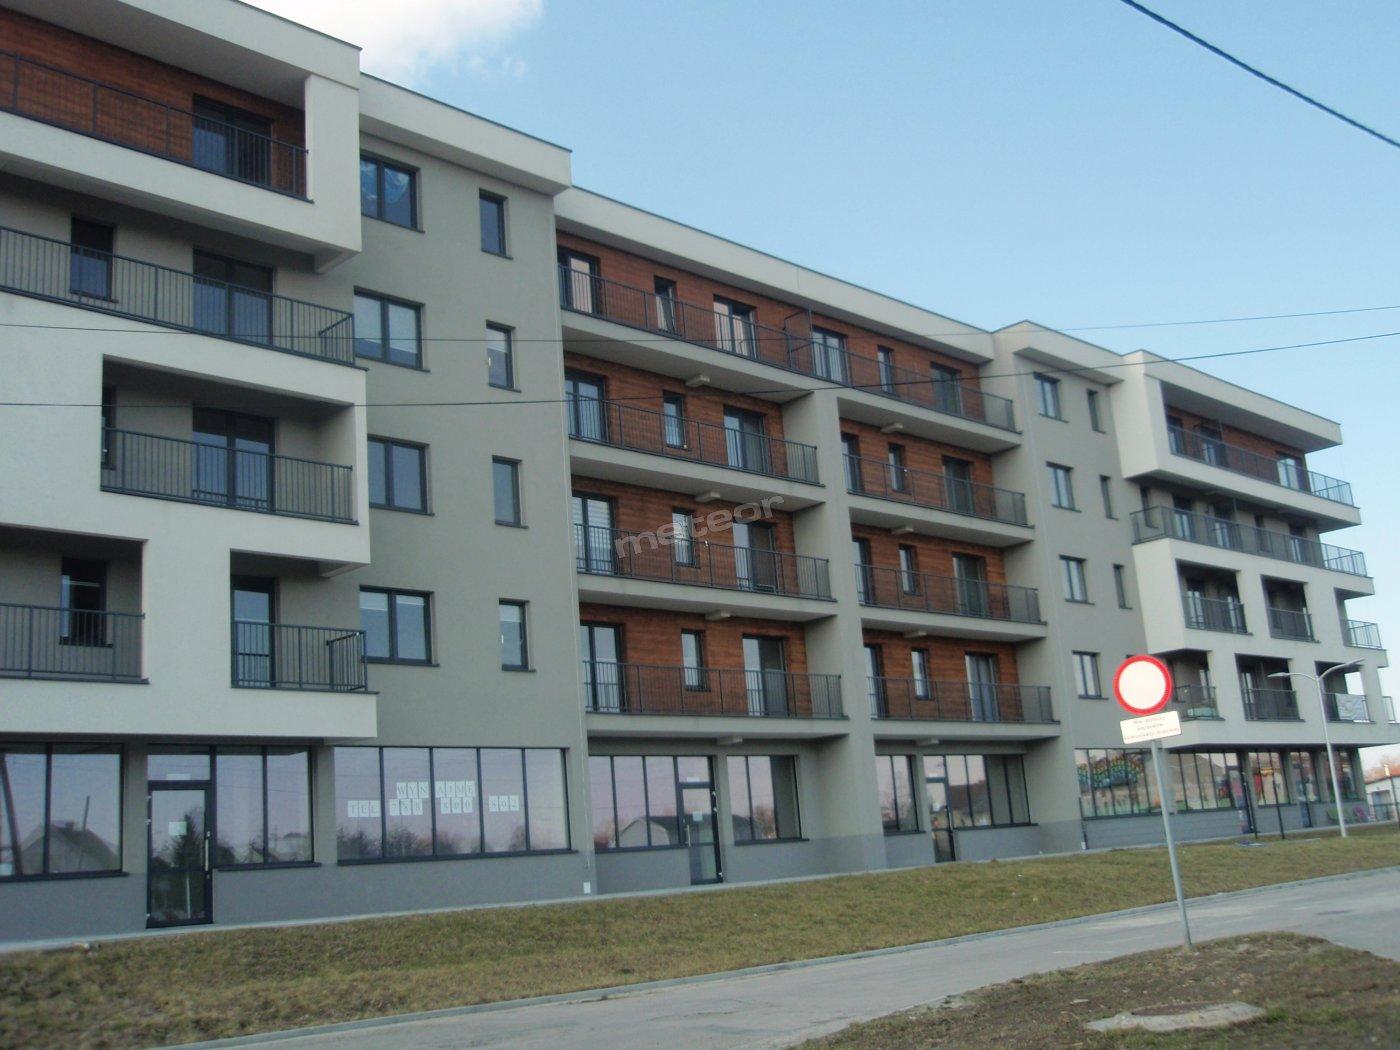 budynek w którym mieszczą się apartamenty ok 1 km od Energylandii